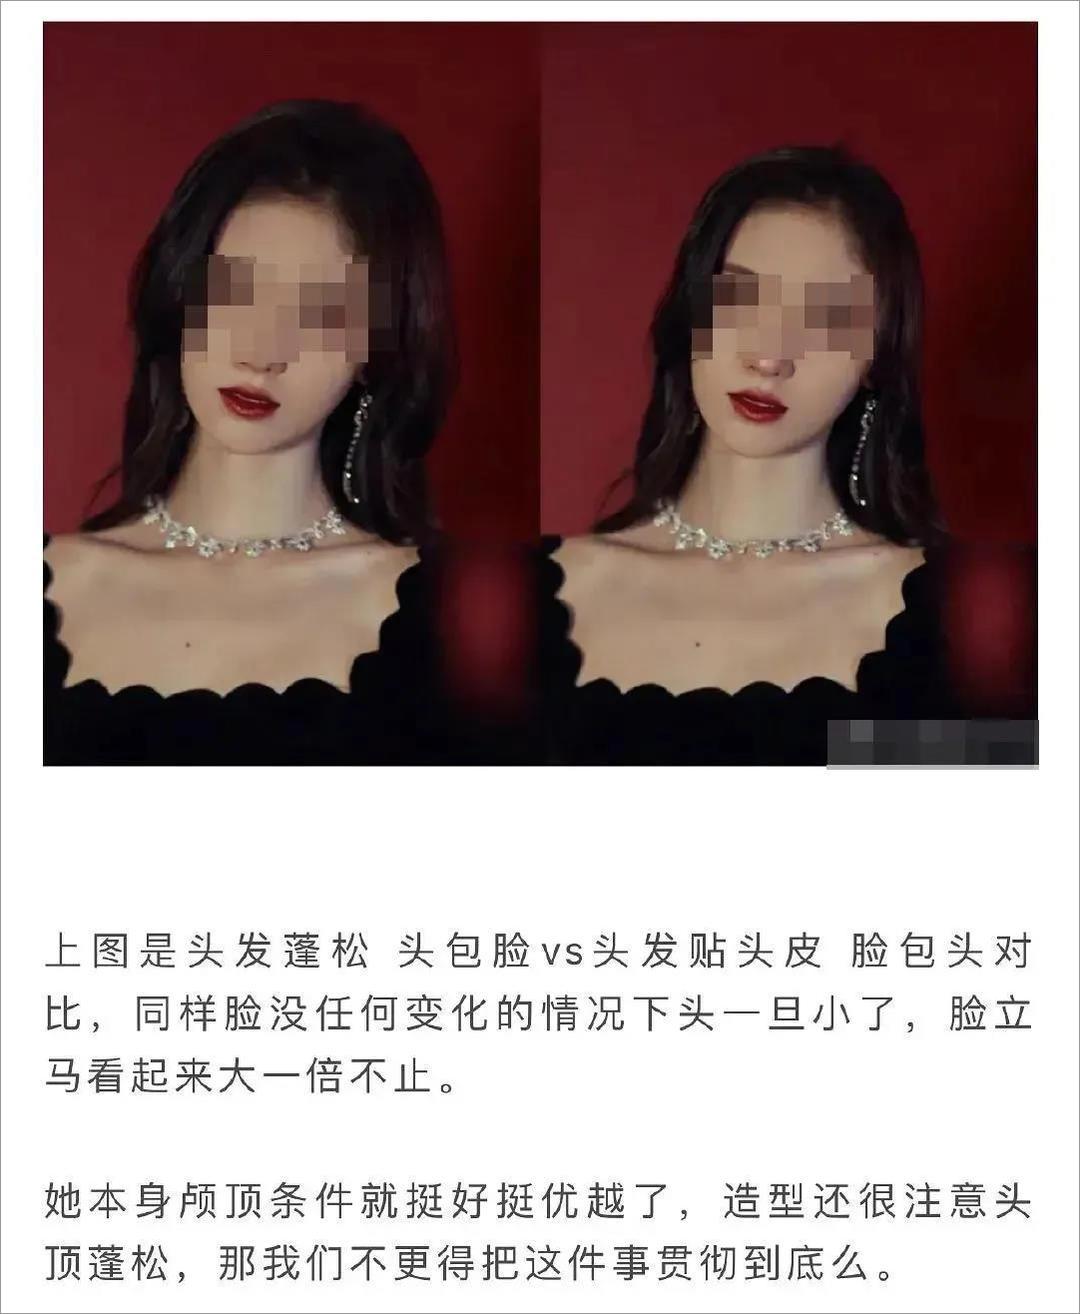 """鞠婧祎肖像权纠纷案:明星也该补上""""宽容""""这一课"""